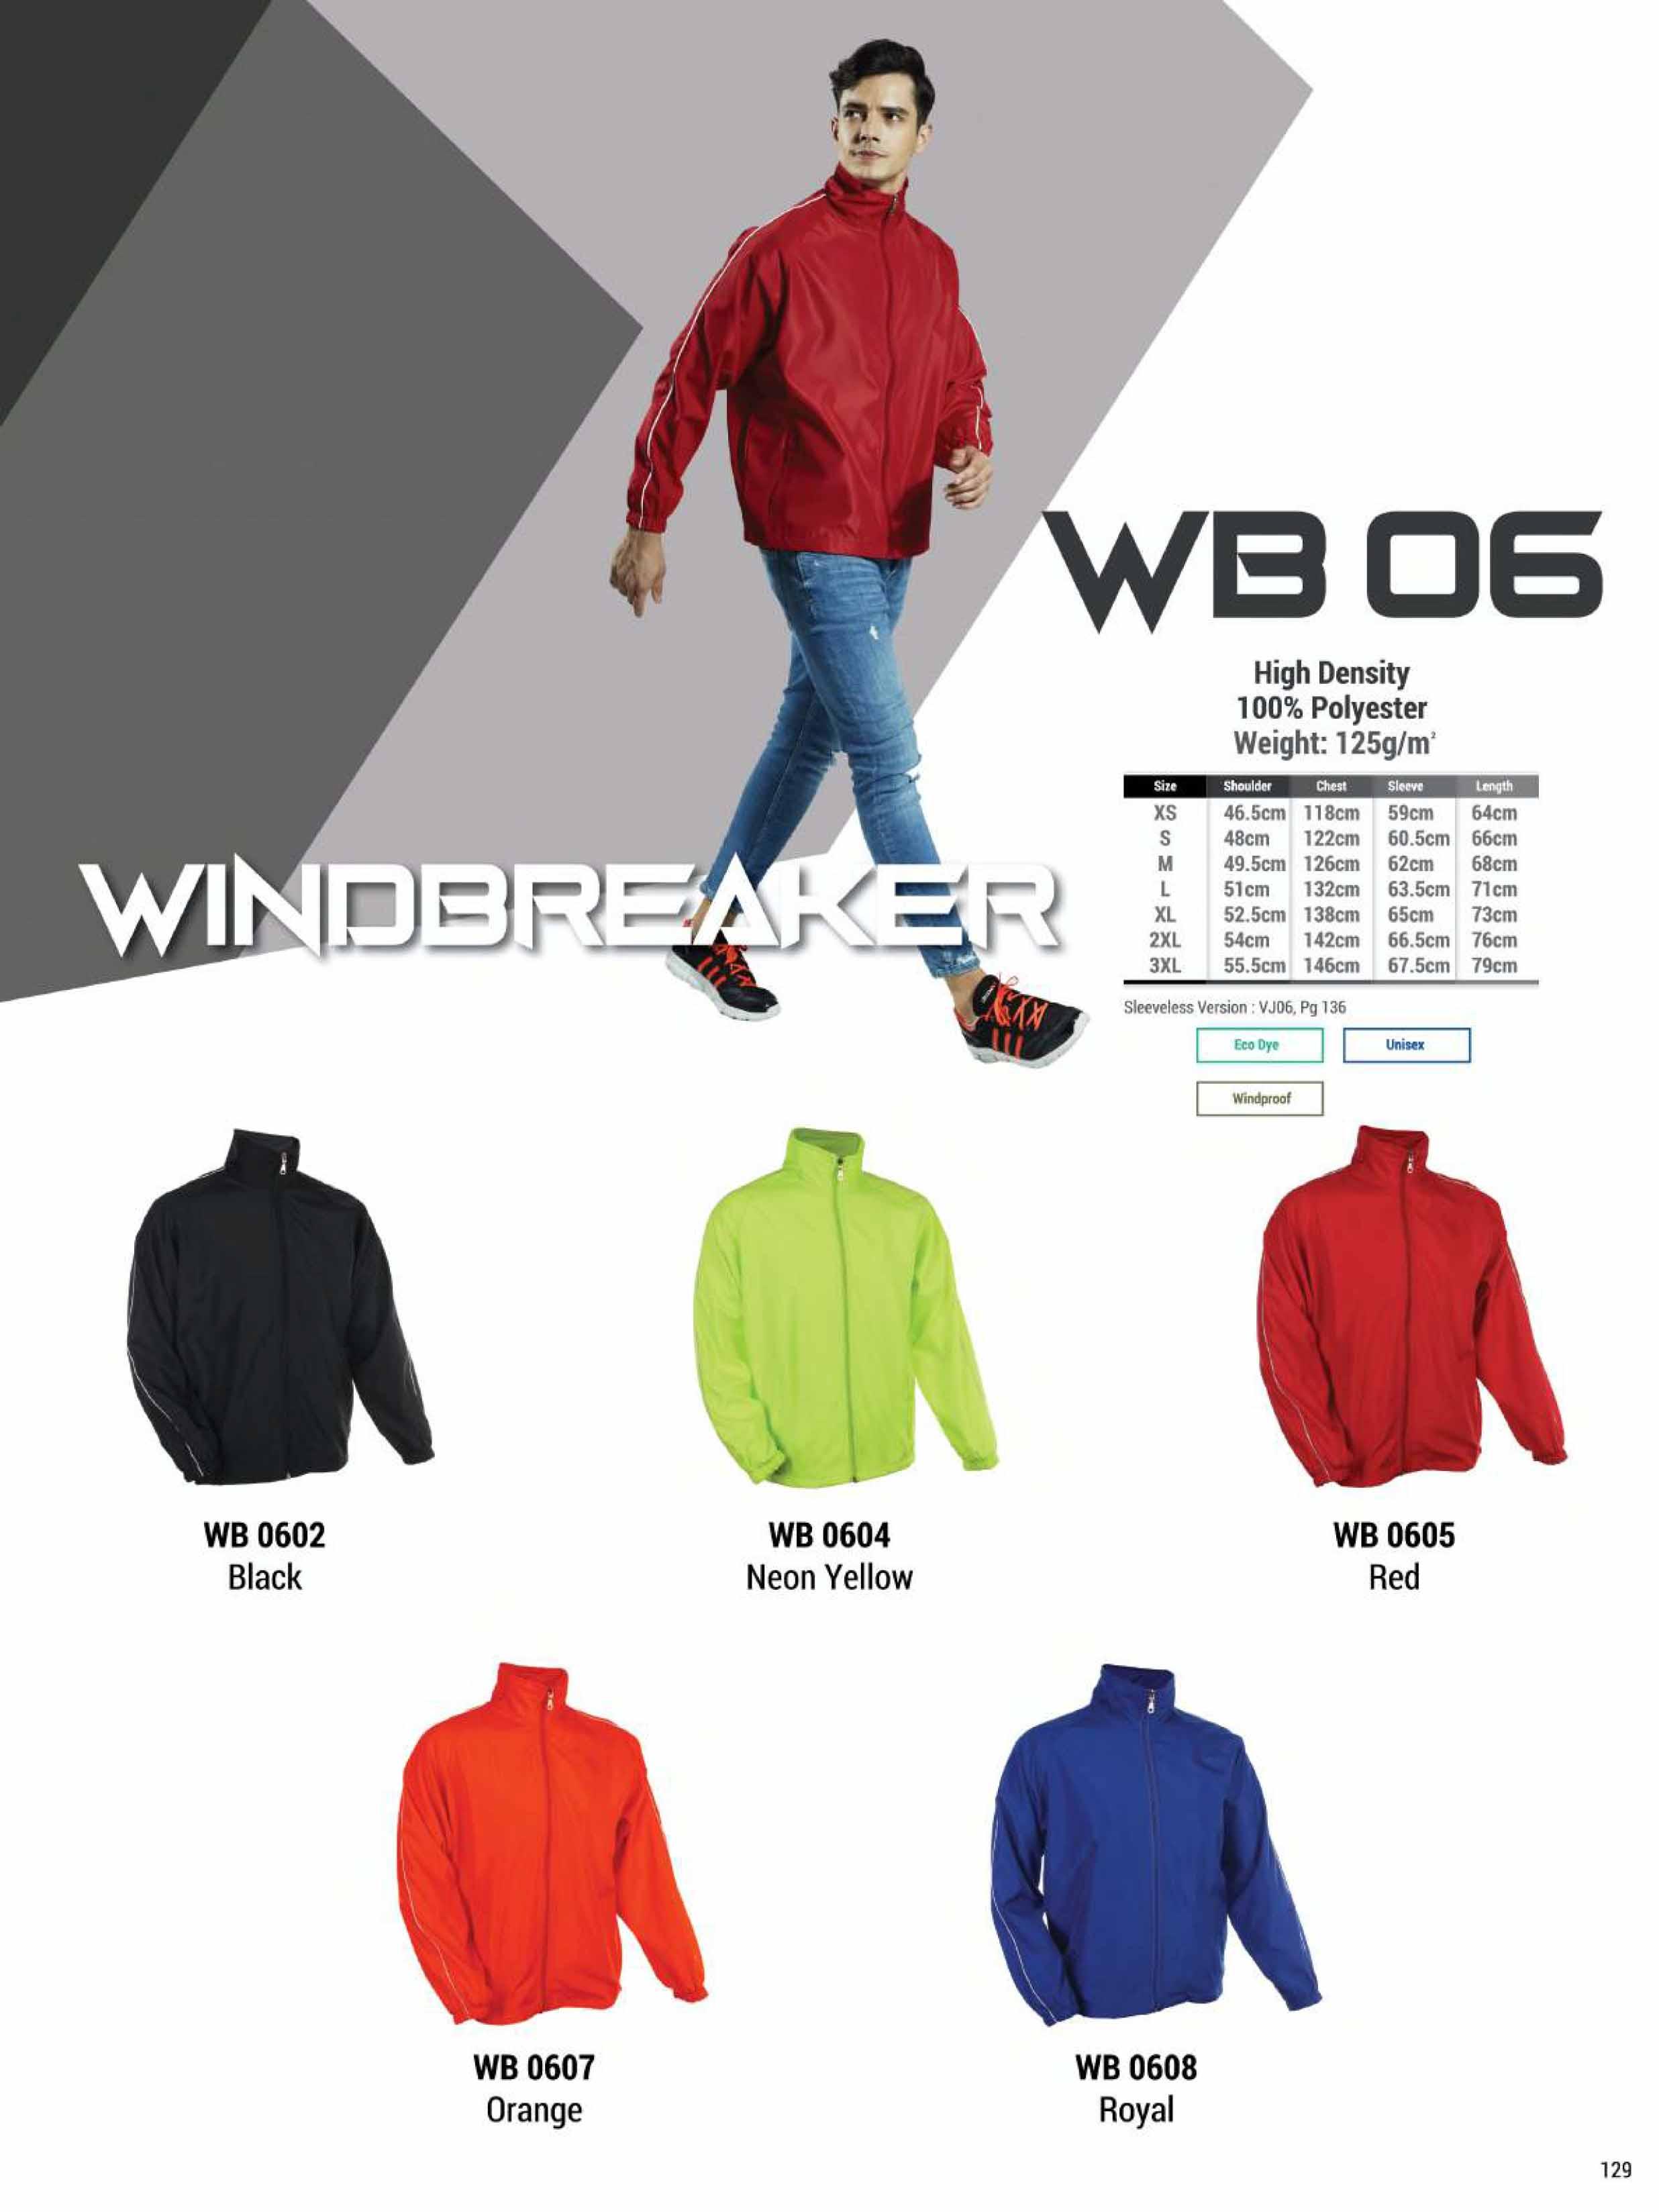 WB06 WINDBREAKER